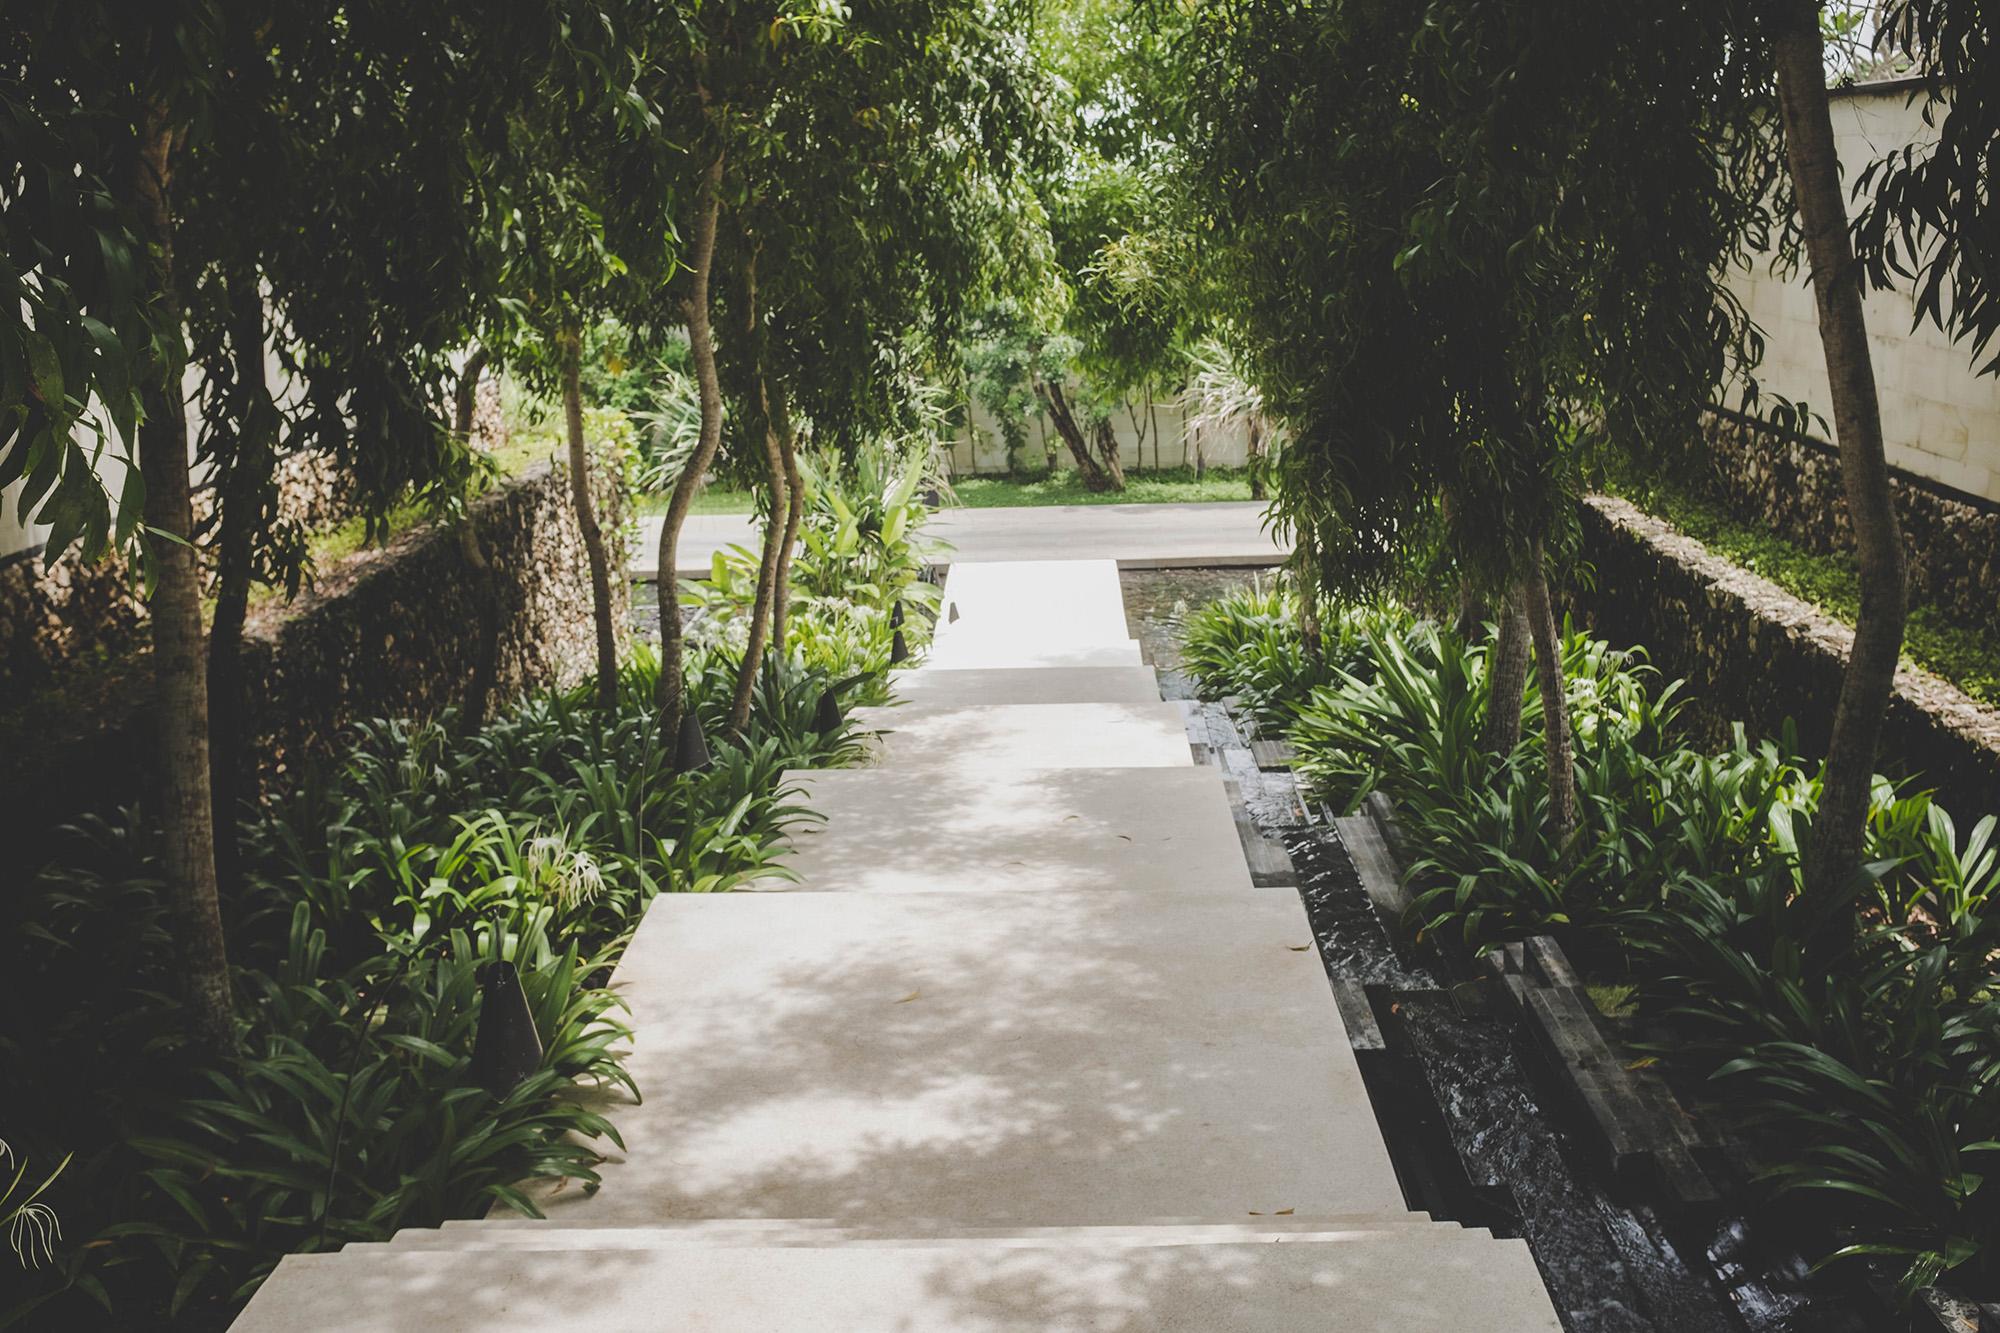 2017-04-Alila-Villas-Uluwatu - alila-villas-uluwatu-bali-nectarandpulse-architecture-43.jpg